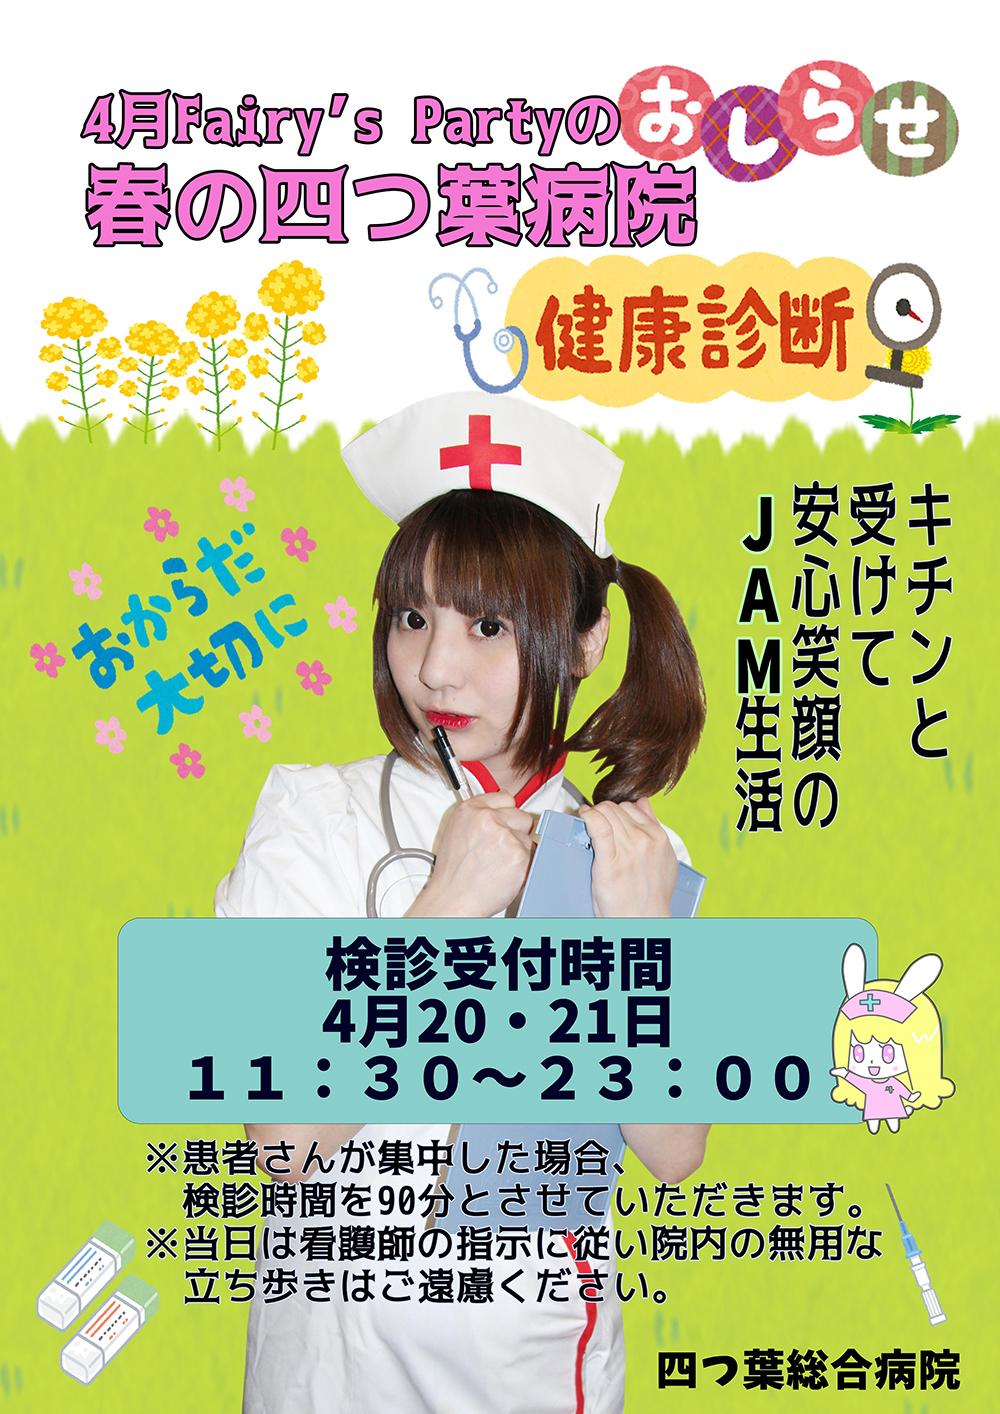 春の四つ葉病院健康診断